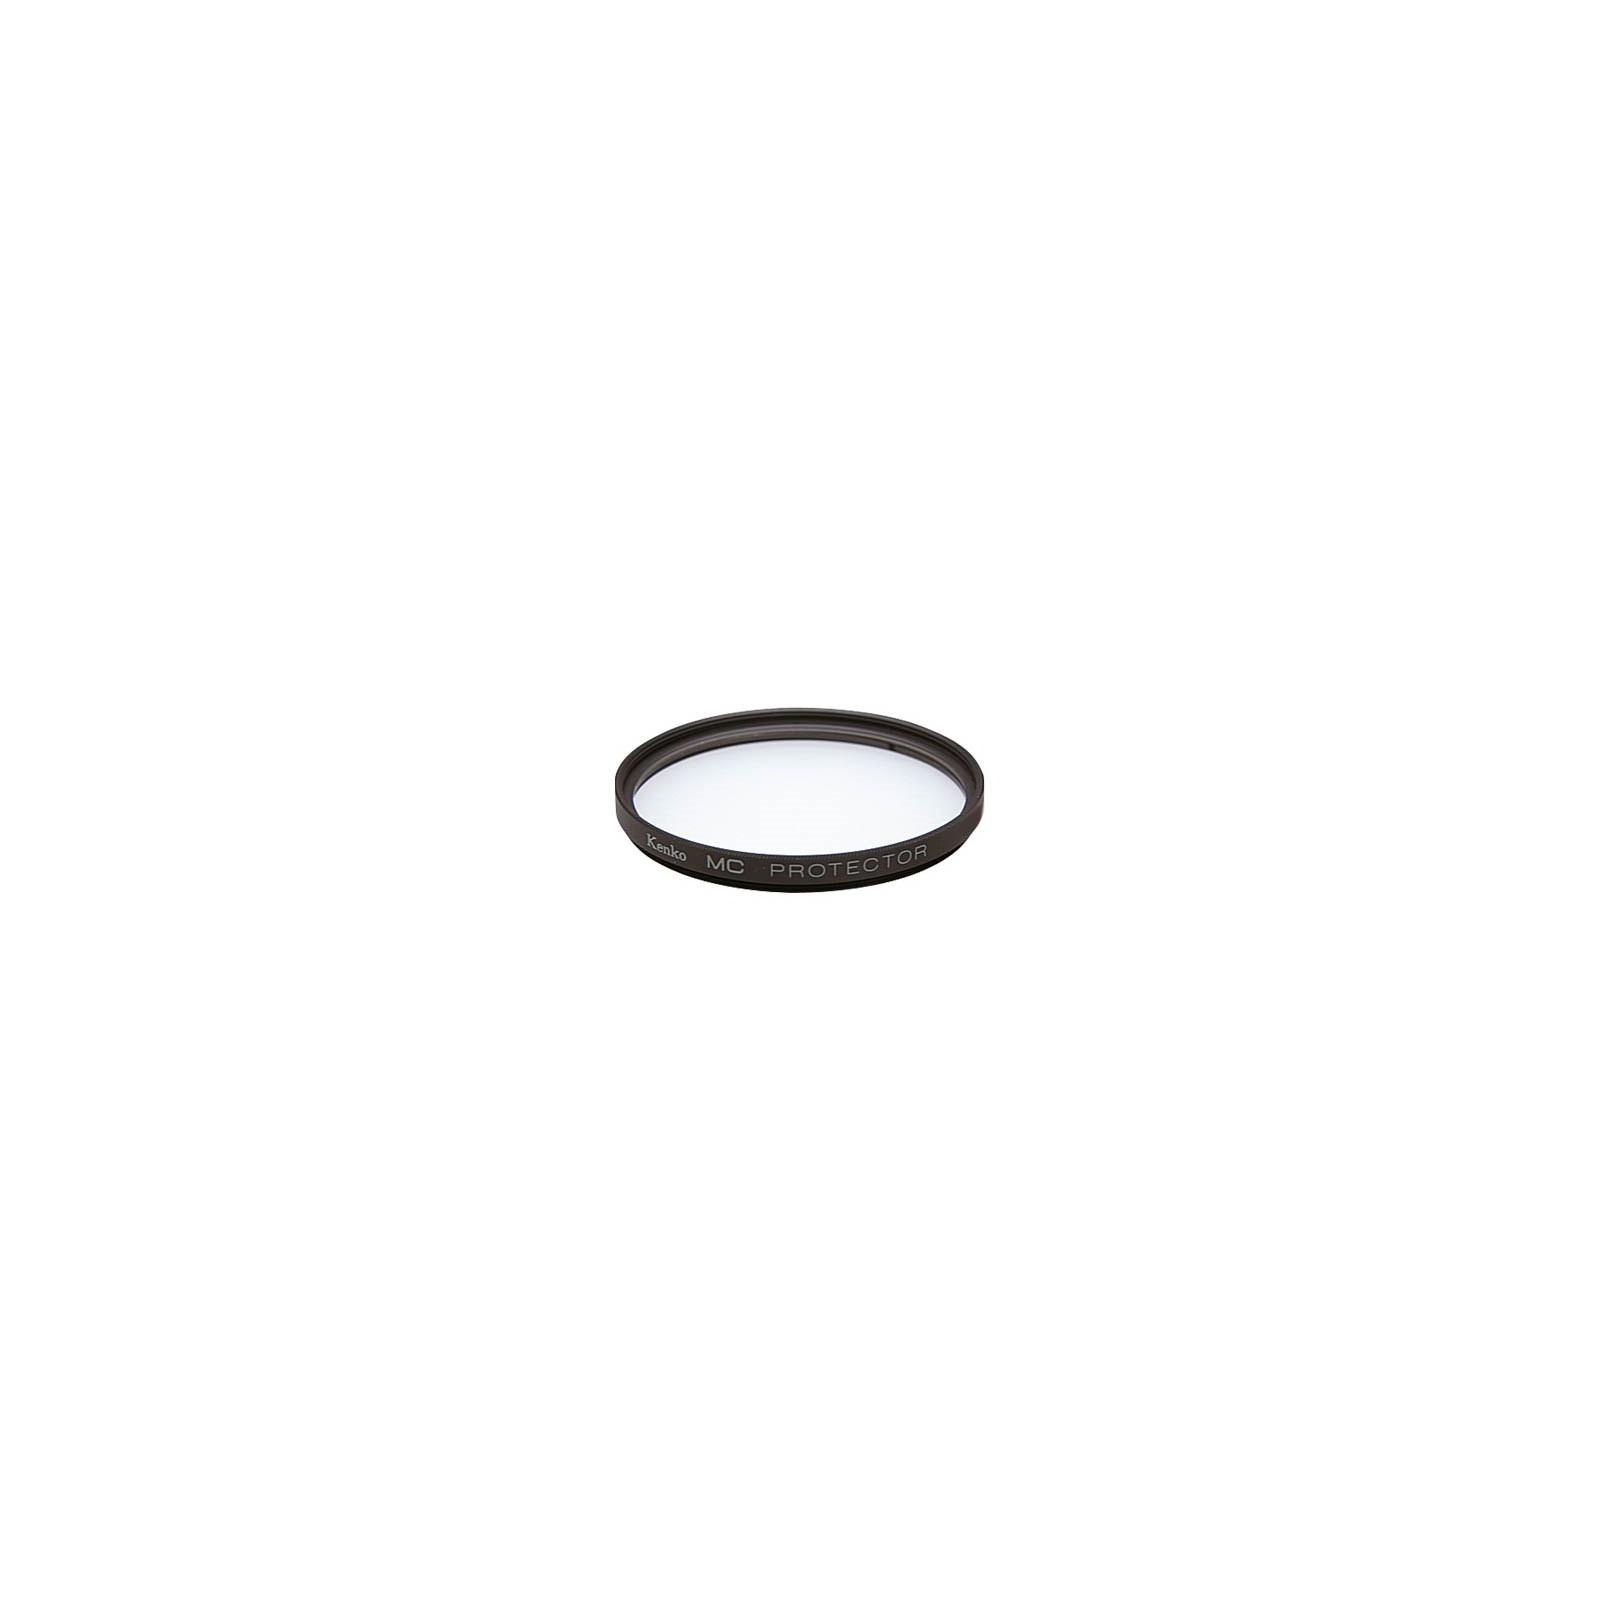 Светофильтр Kenko MC Protector 67mm (236766)